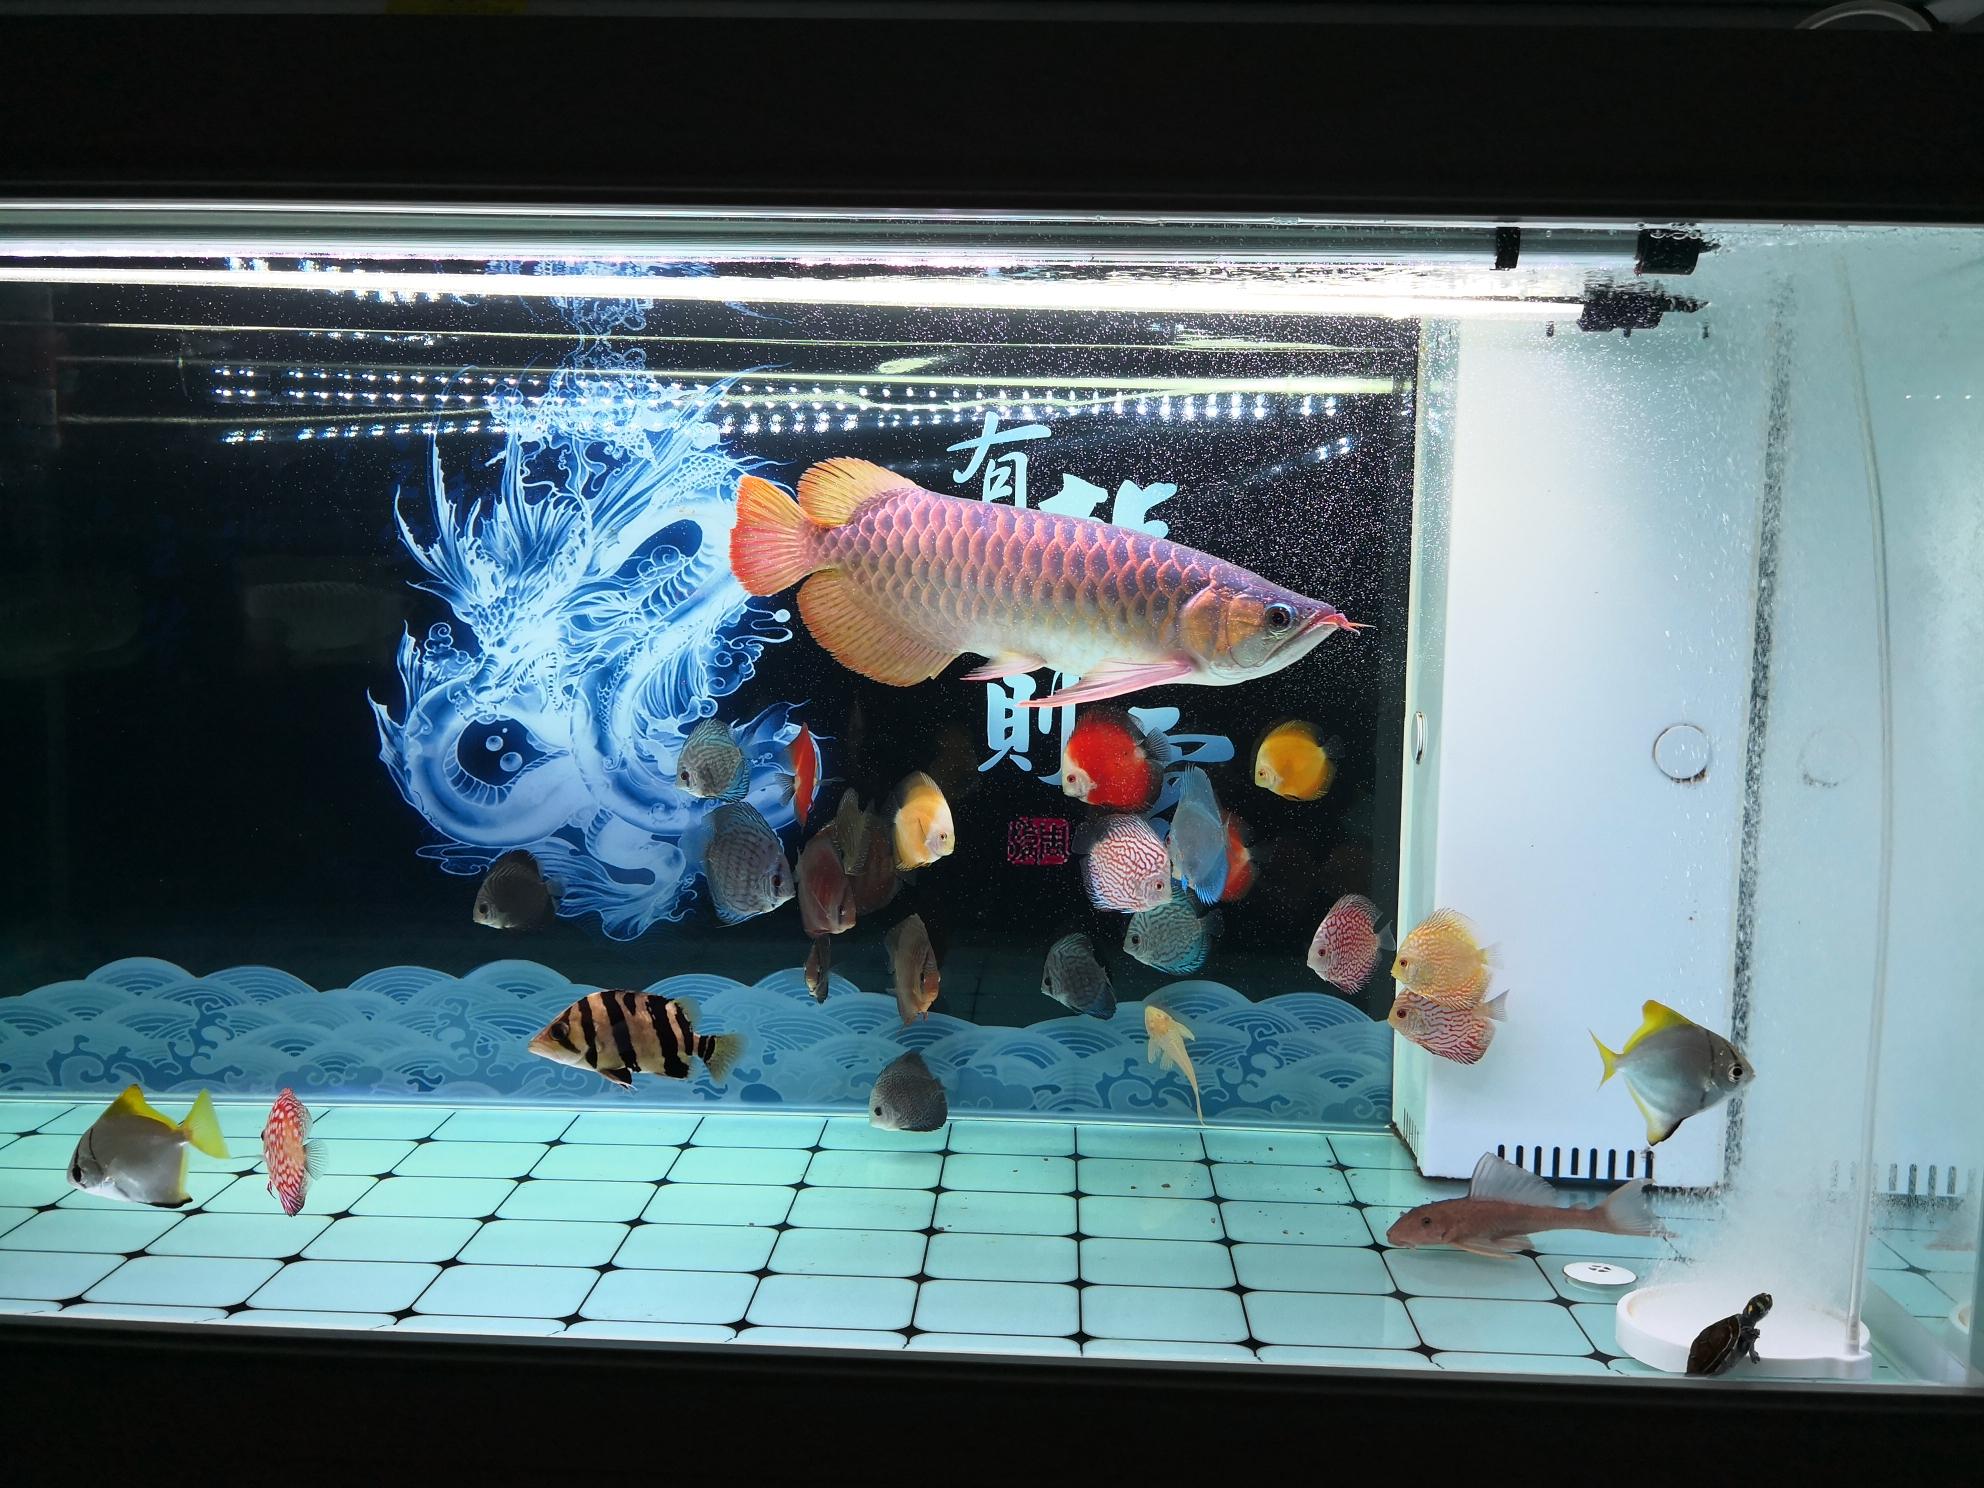 广州观赏鱼友贴吧七彩平时喂什么比较好